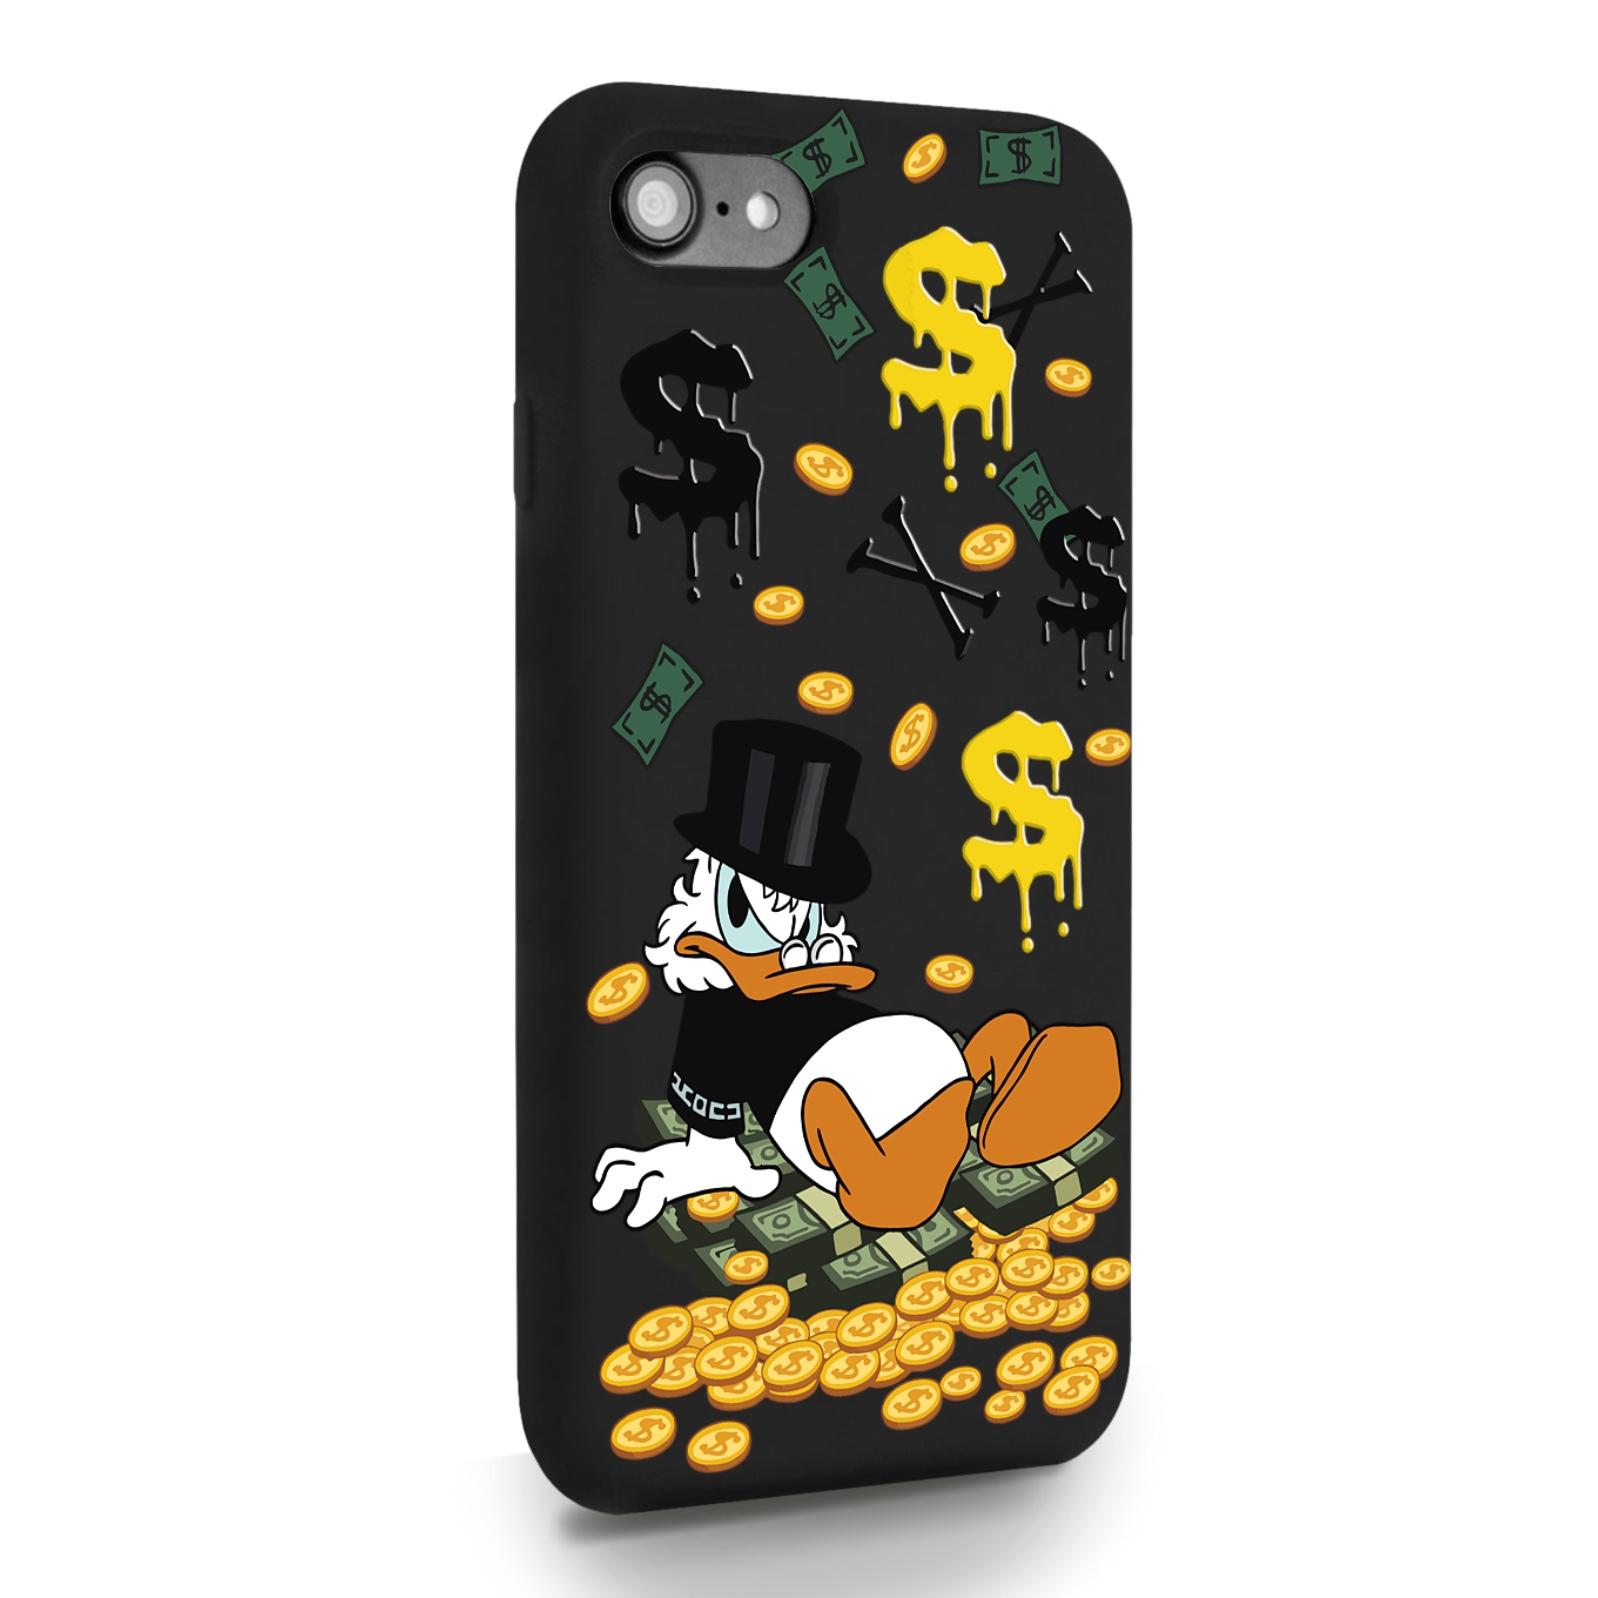 Черный силиконовый чехол для iPhone 7/8/SE2020 Богатенькая Утка для Айфон 7/8/СЕ2020